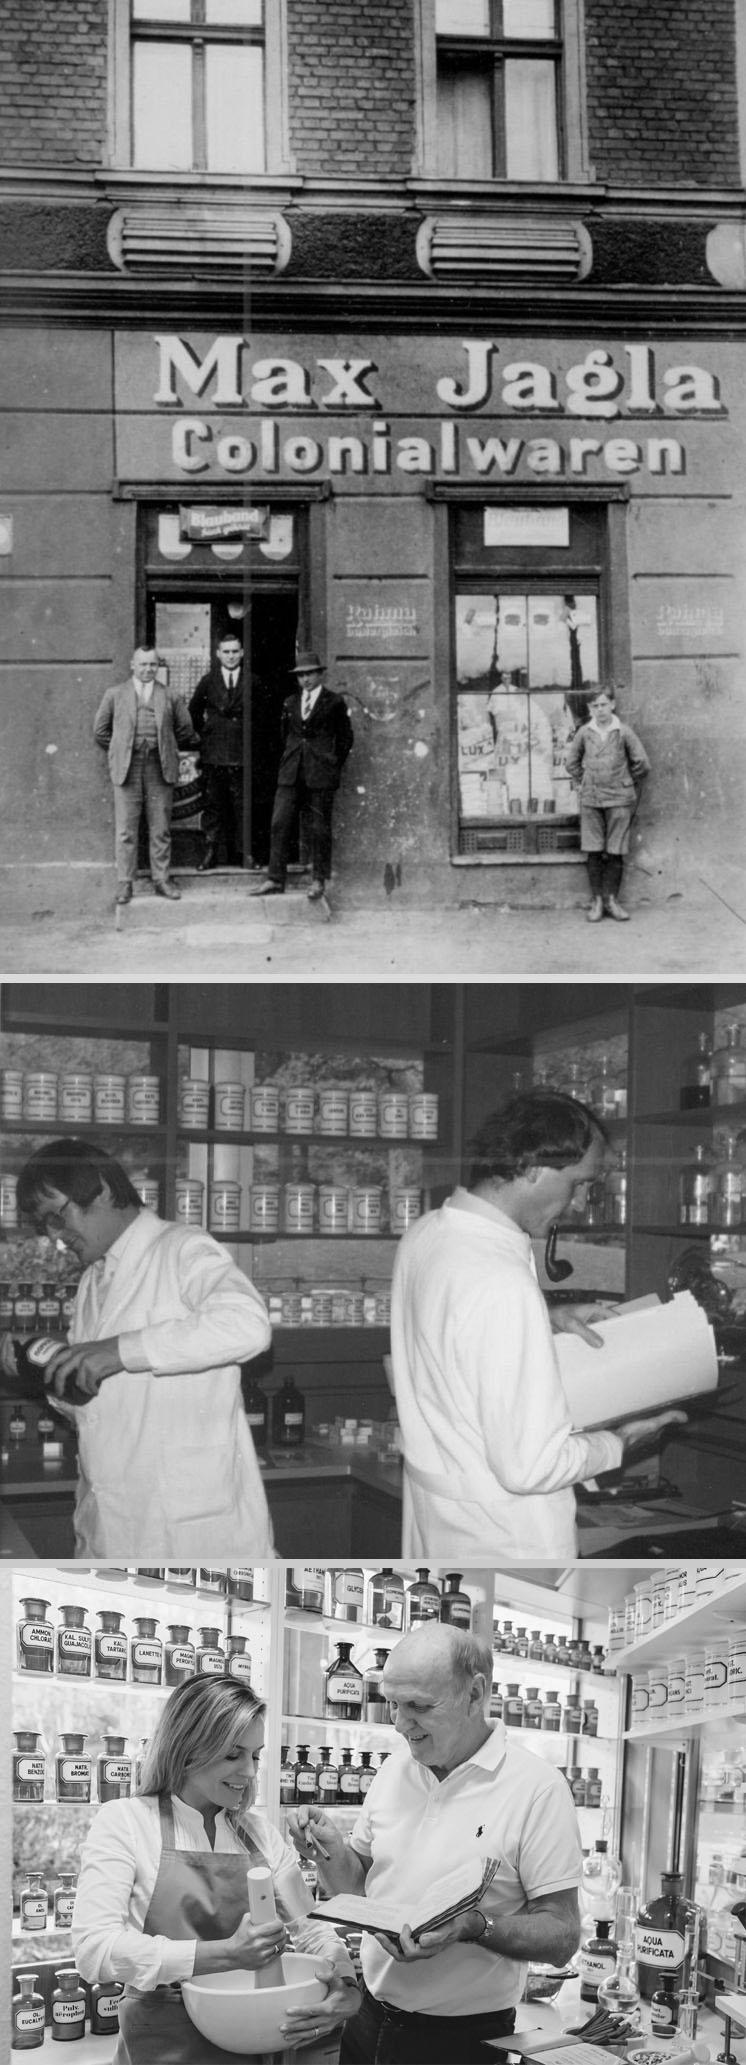 Die Familie von Apotheker Helmut Jagla mit einer Klosterapothekenrezeptur / Die Park-Apotheke wo das Artischocken Elixier und das Golfers Ginseng Elixier erfunden wurden.